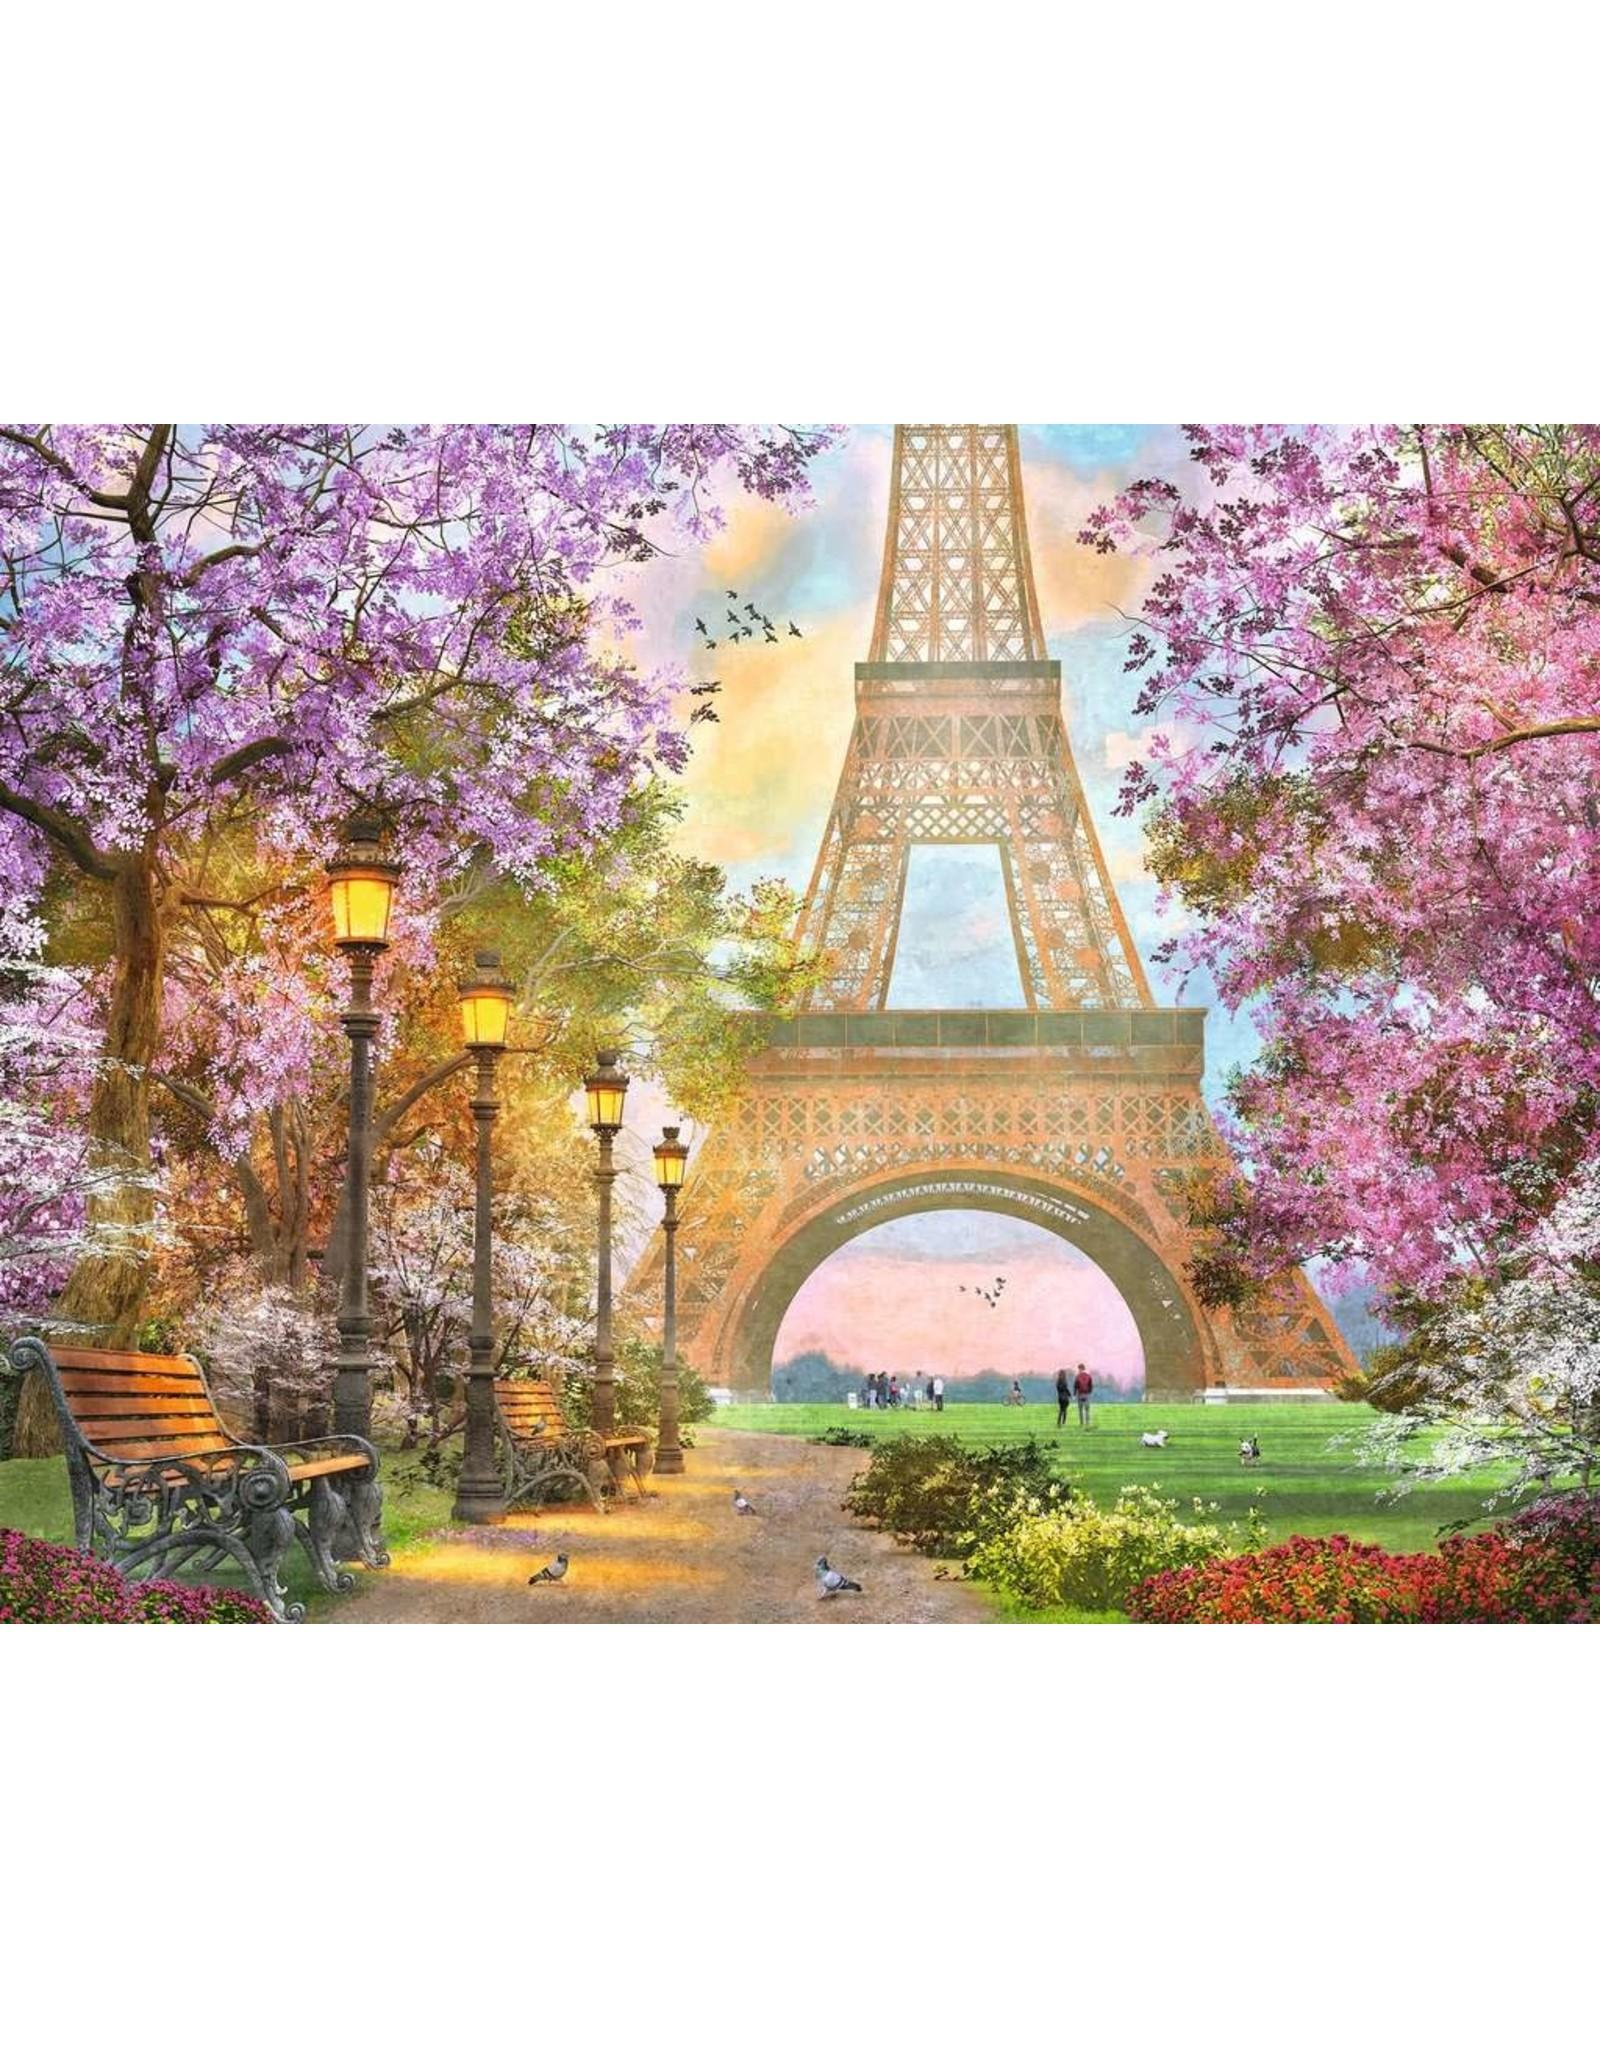 Ravensburger A Paris Stroll 1500pc Puzzle